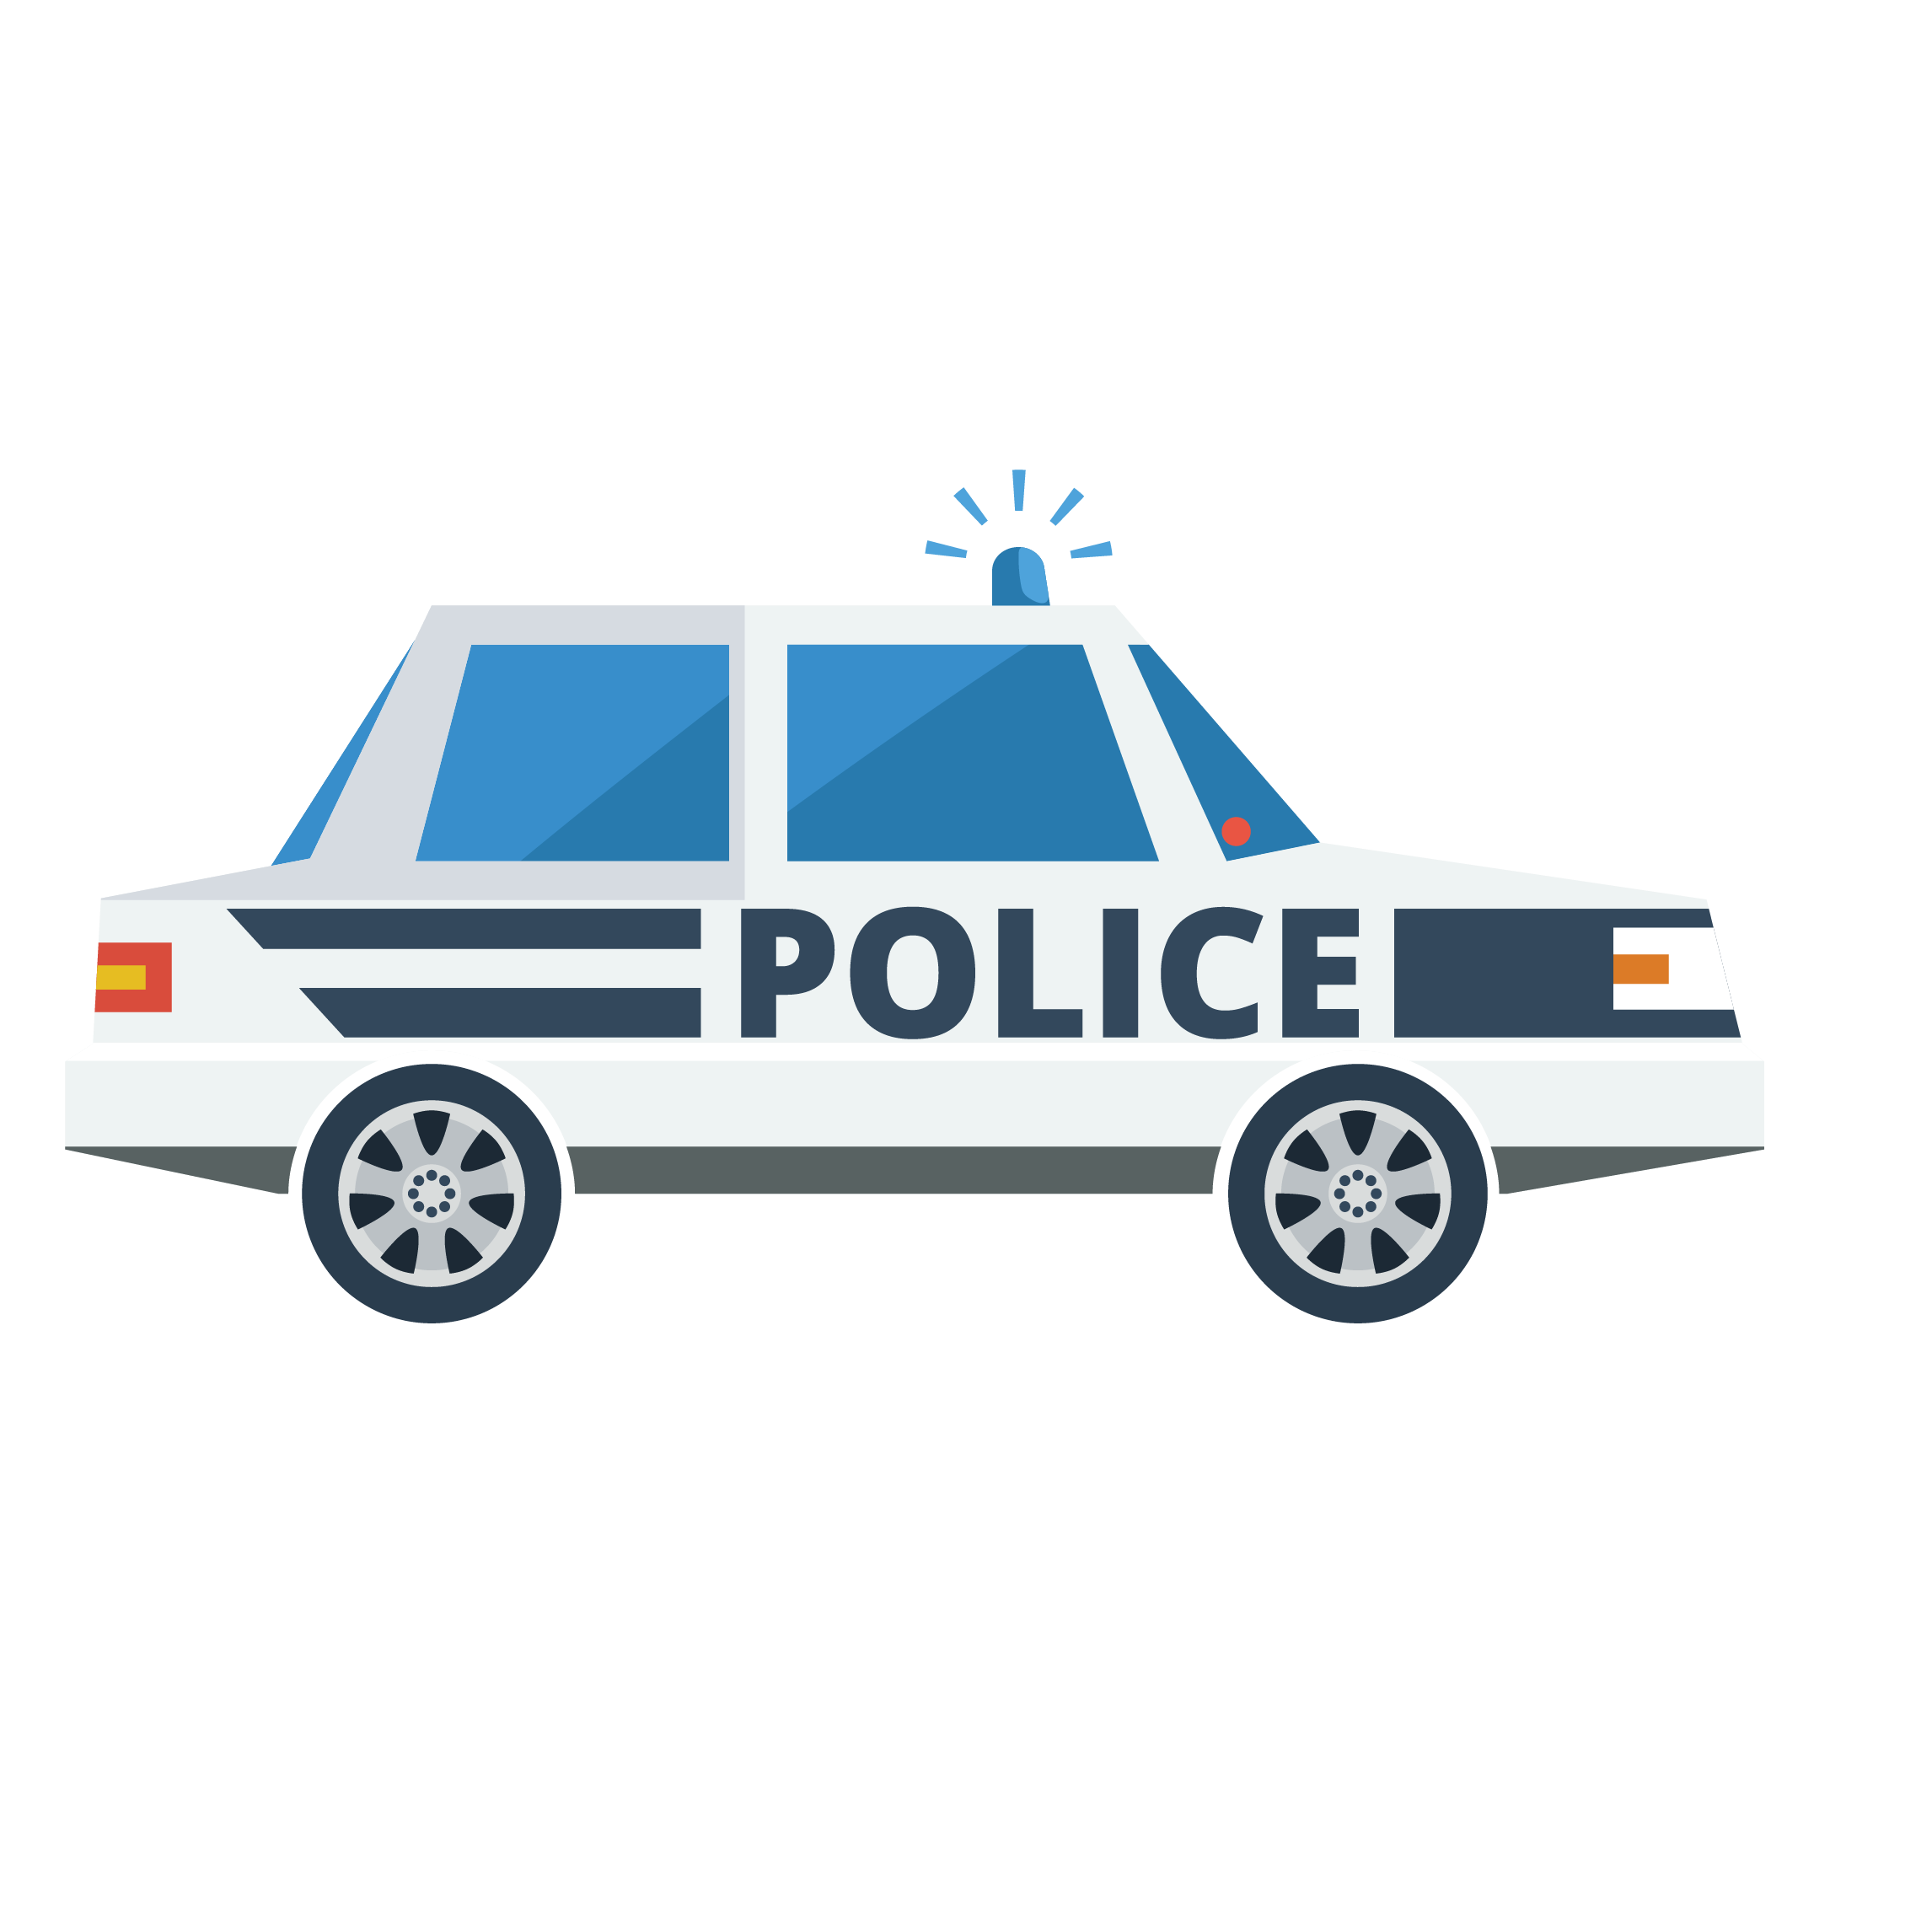 主动送上门,澳毒贩撞警车暴露10亿元毒品   _中欧新闻_欧洲中文网